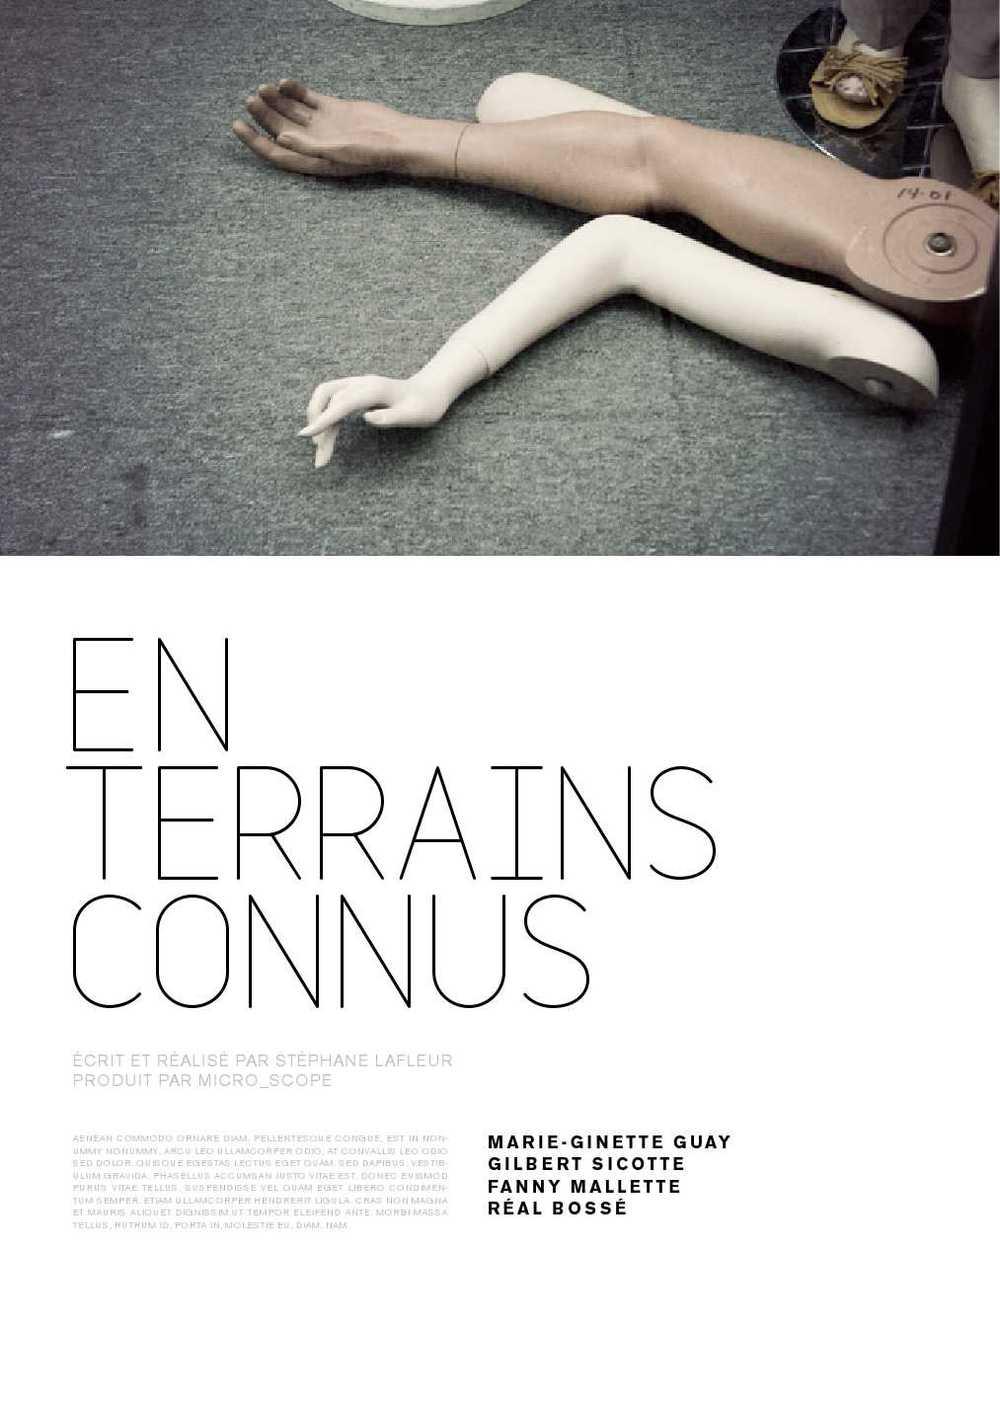 RENZO-TuDorsNicole-Poster-25avril_00002.jpg